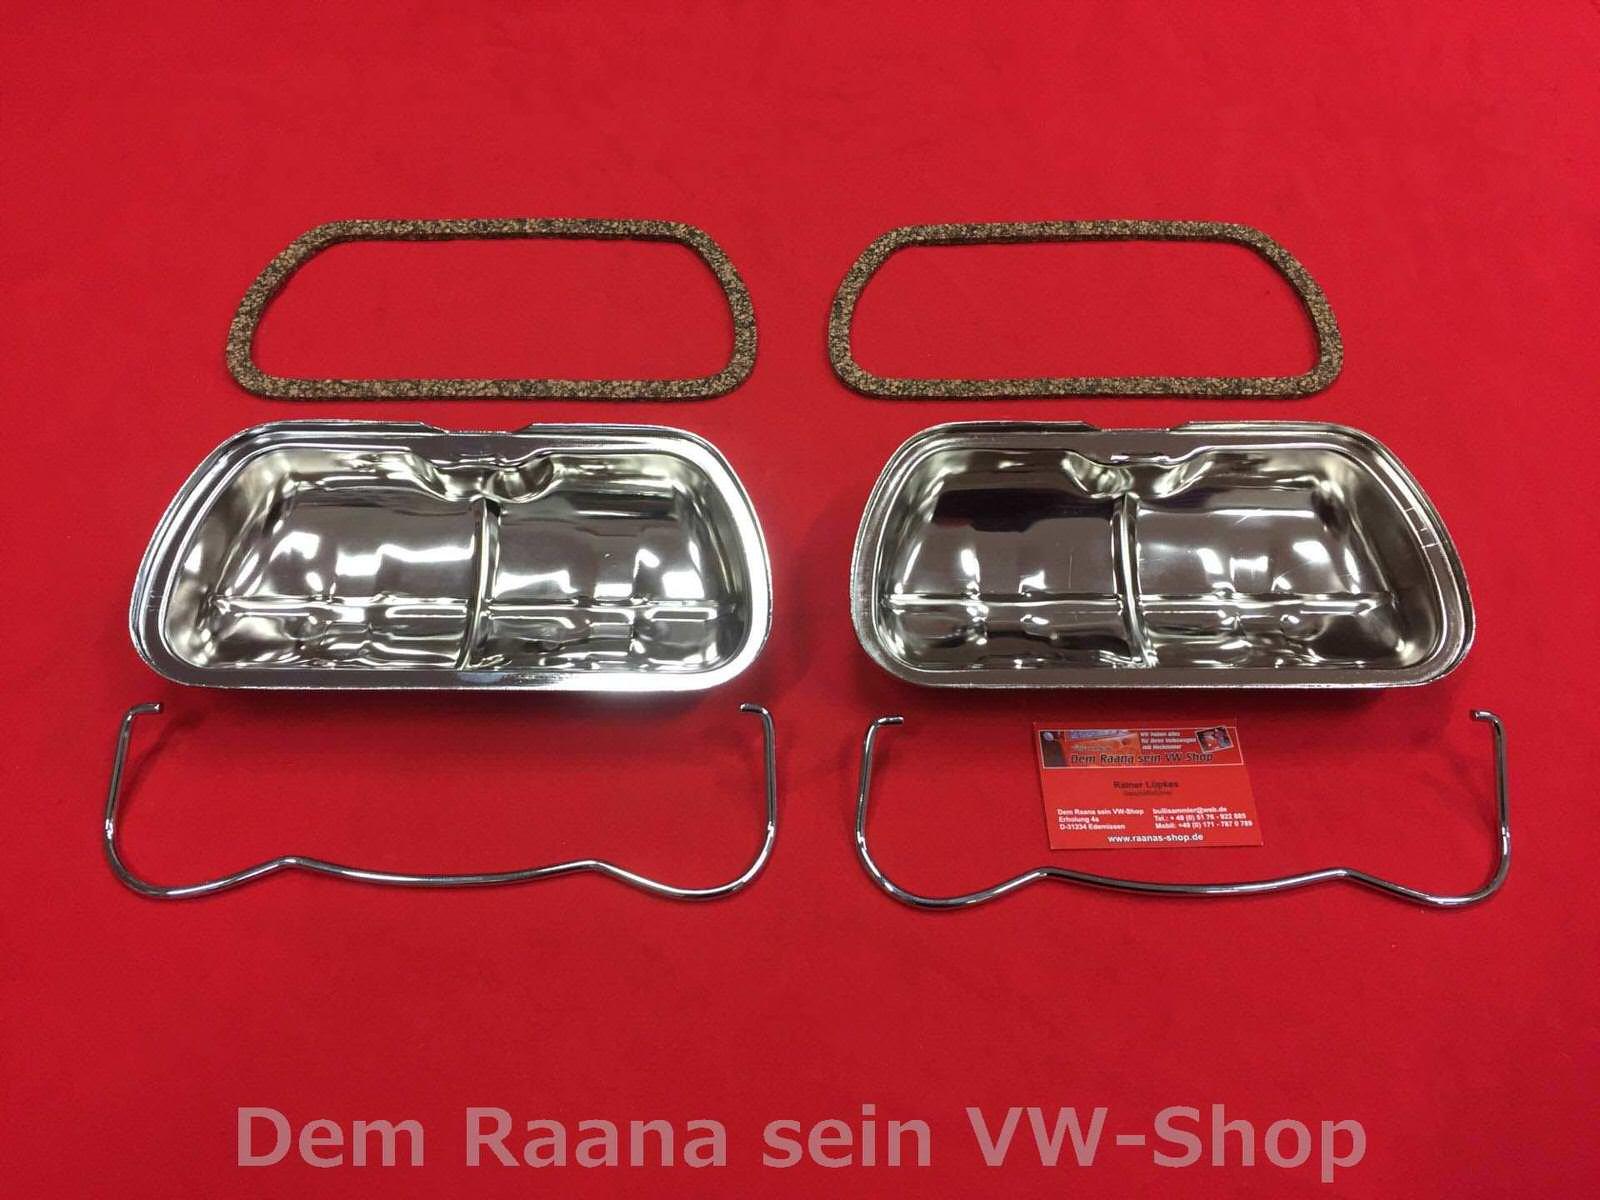 -098 Schraube Fahrersitzlehne für VW Bus T1 63-67 Lagerschraube AUTOCRAFT